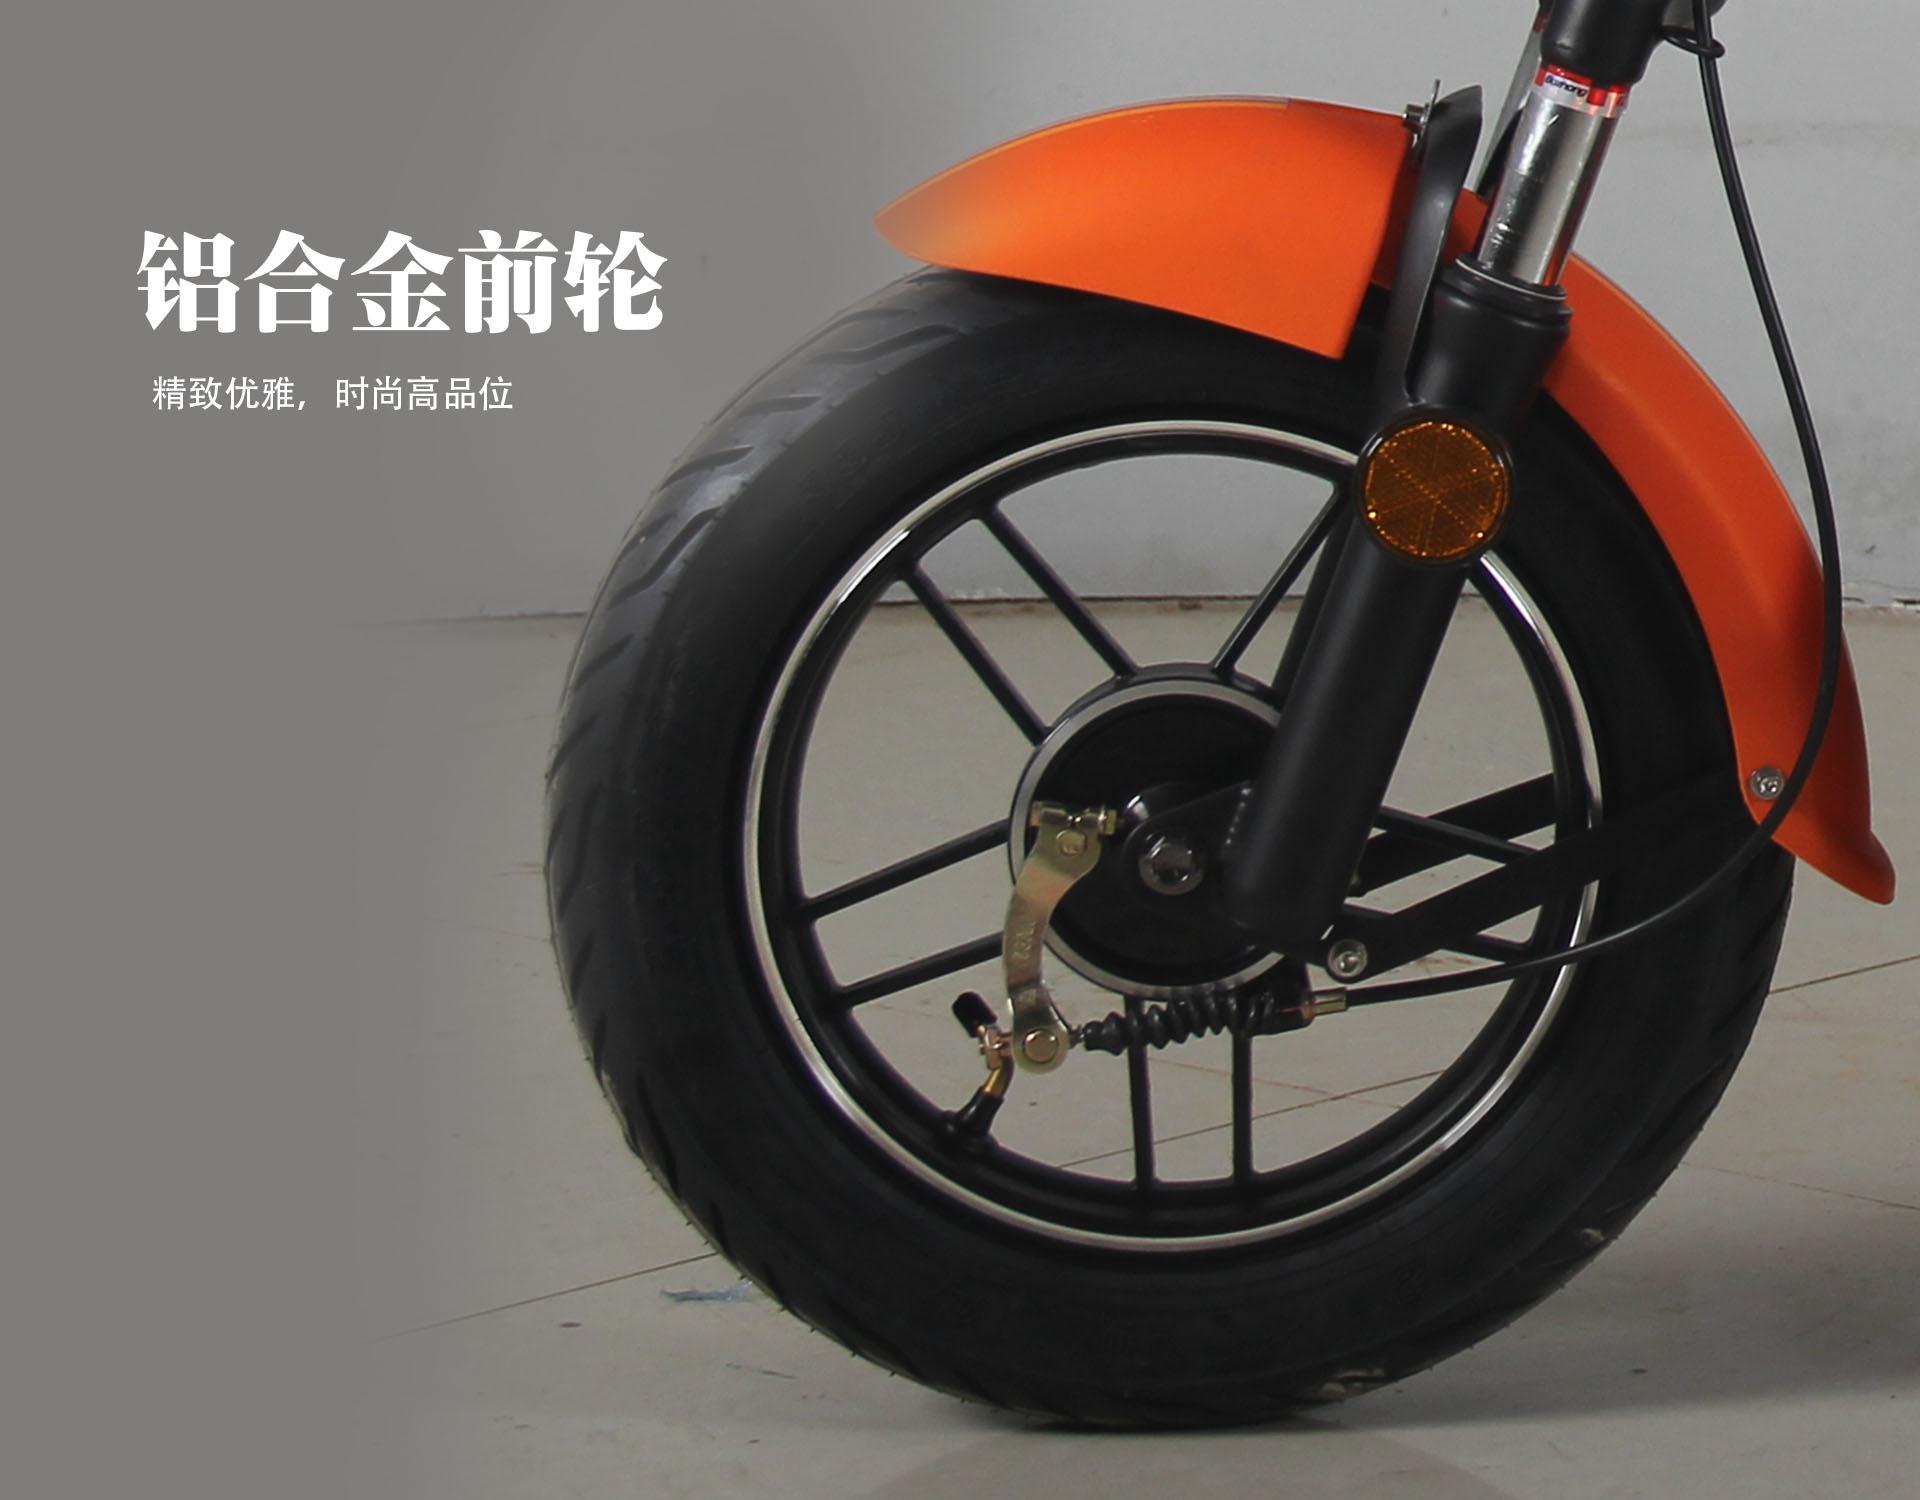 六安杰宝大王电动车厂家 客户至上「无锡杰宝大王电动车供应」